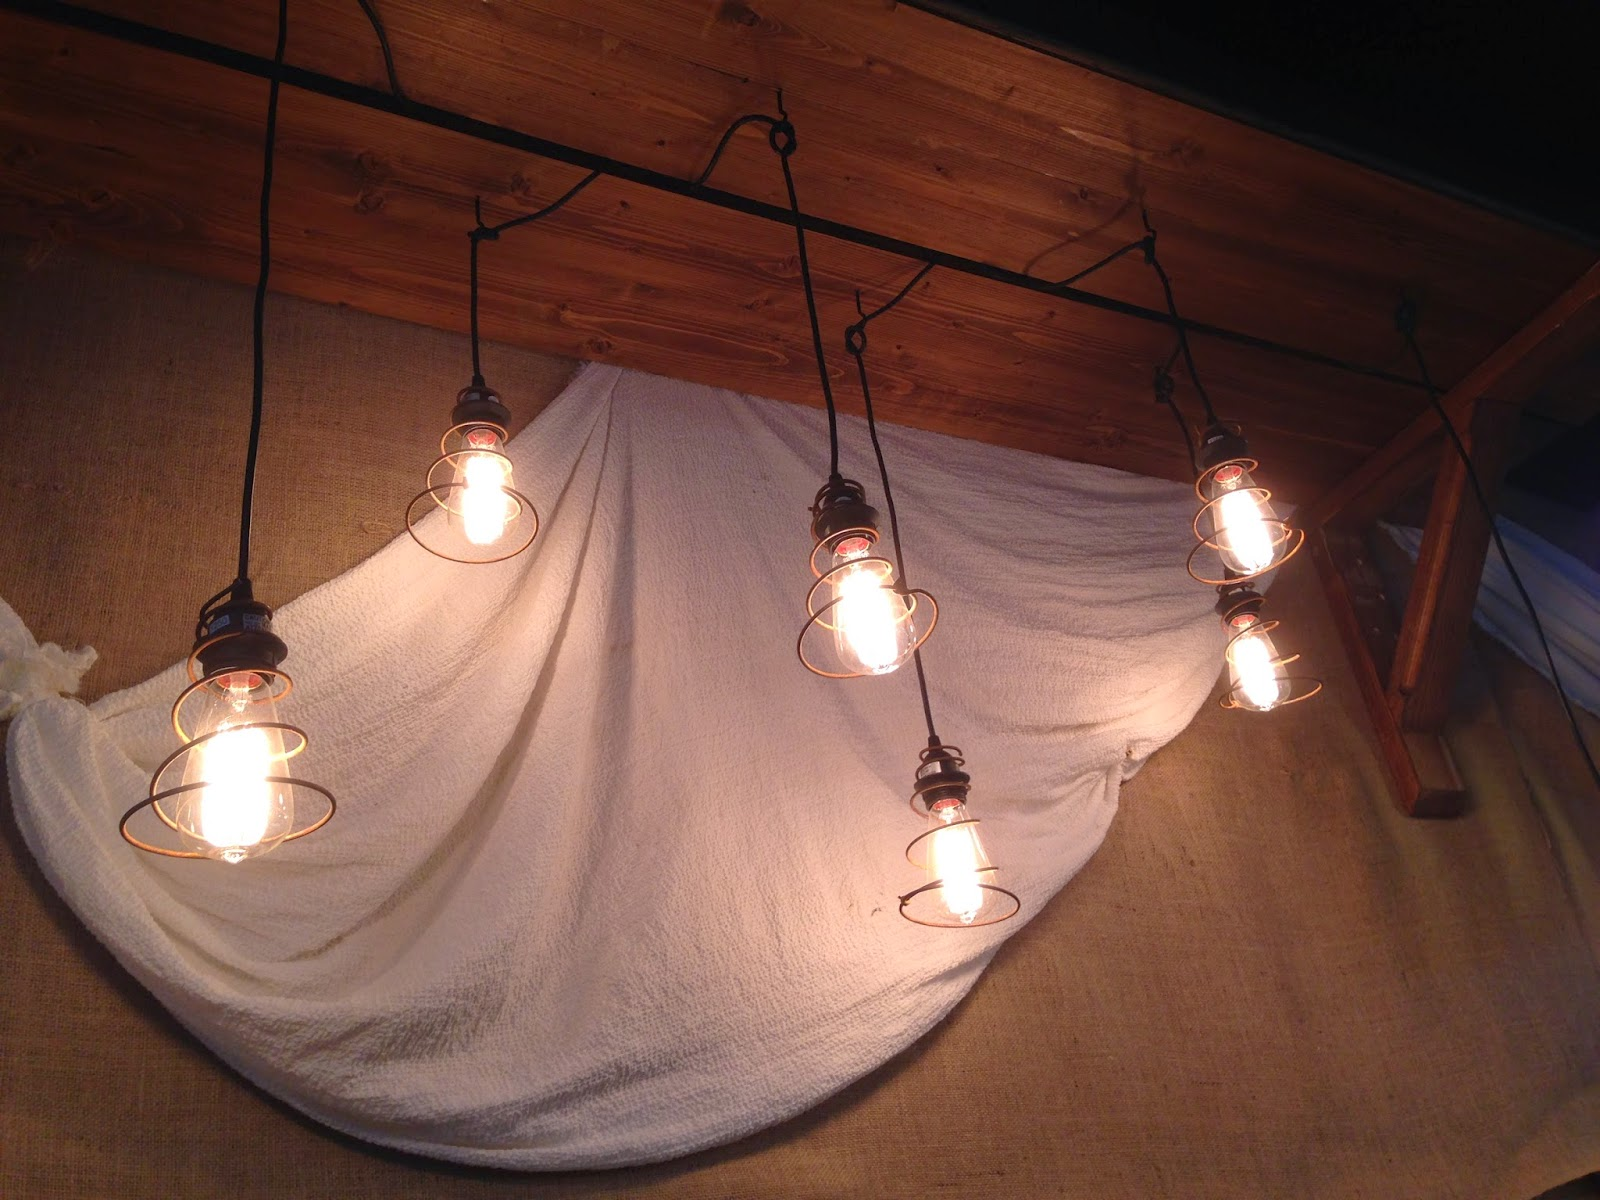 Vintage bed springs pendant lighting